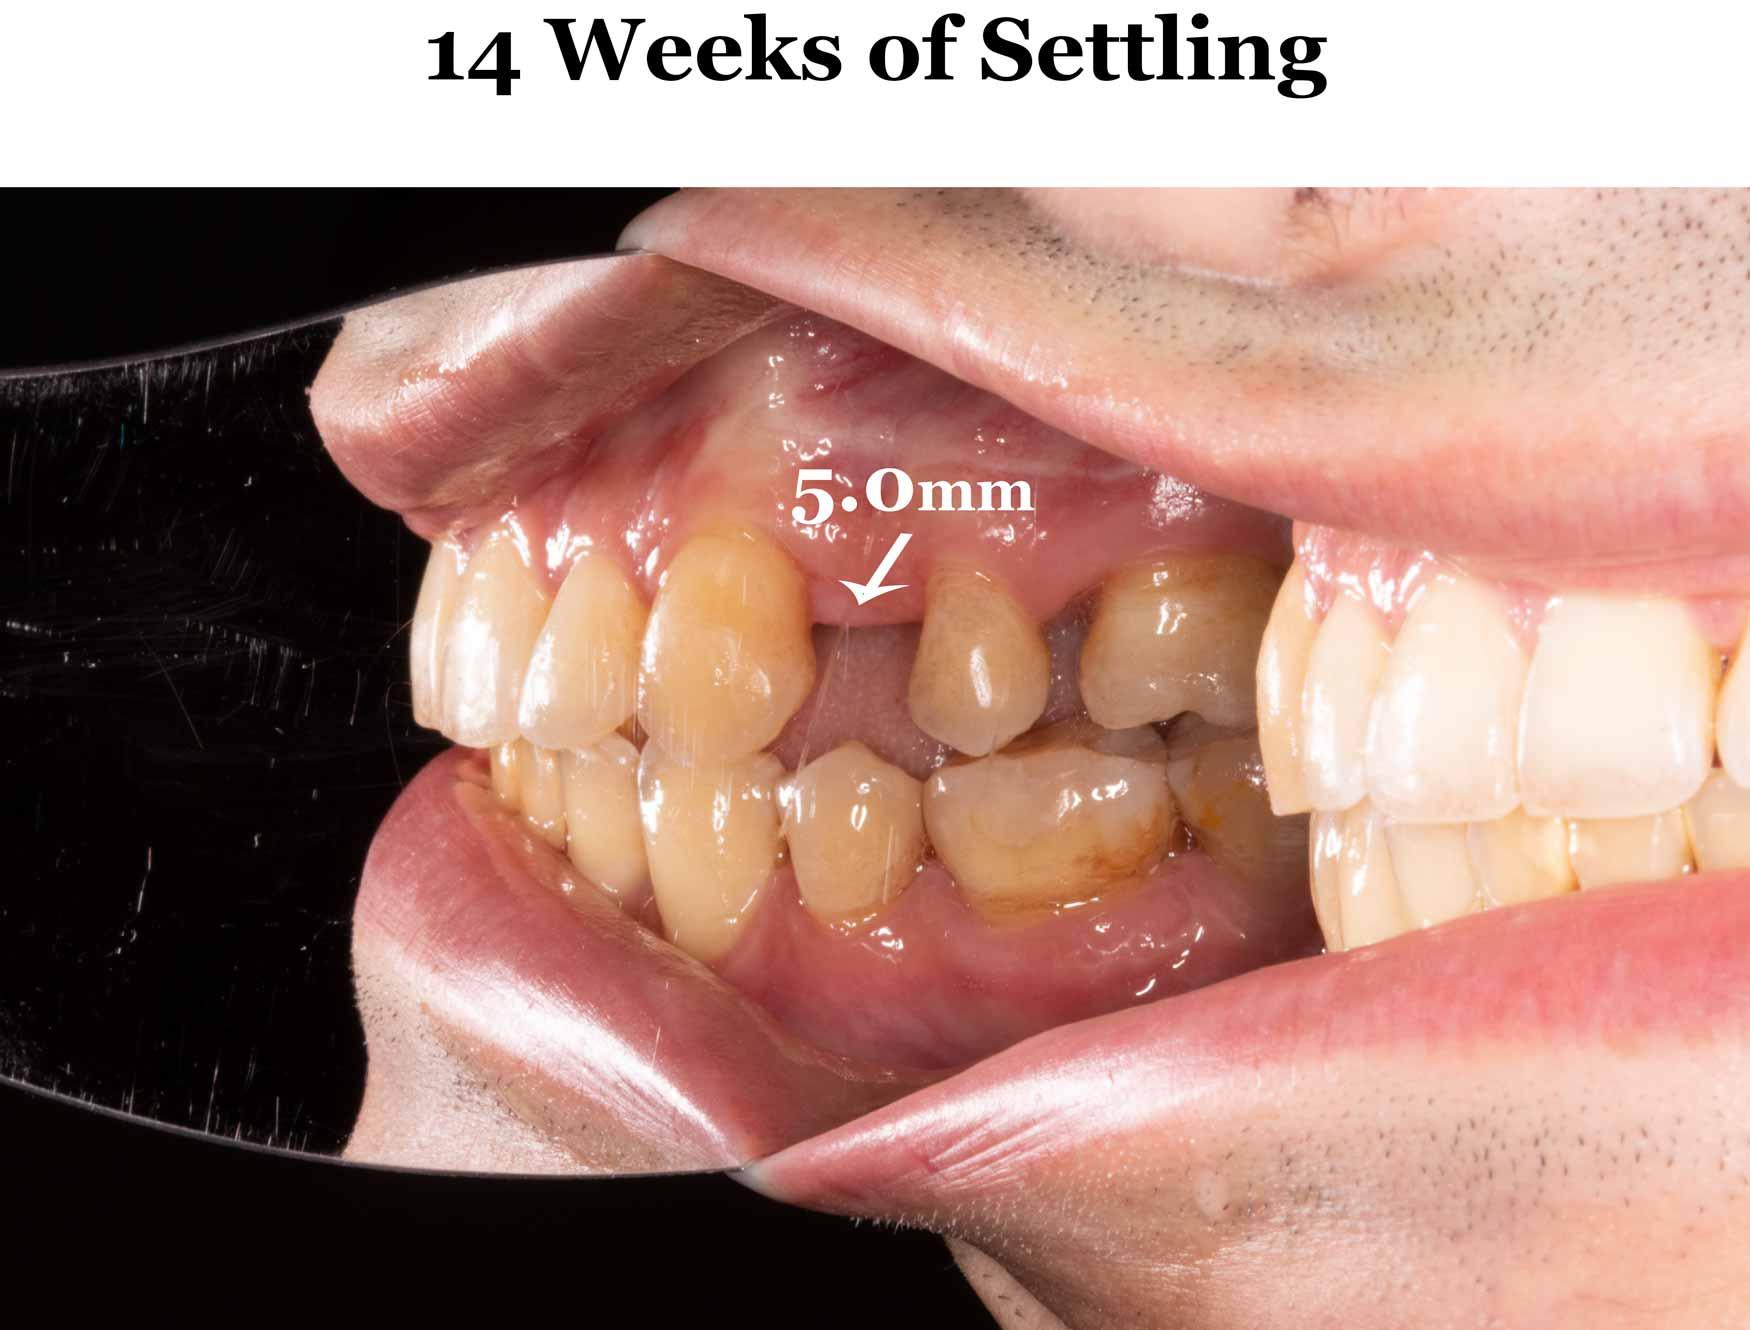 14-weeks-settling_right.jpg